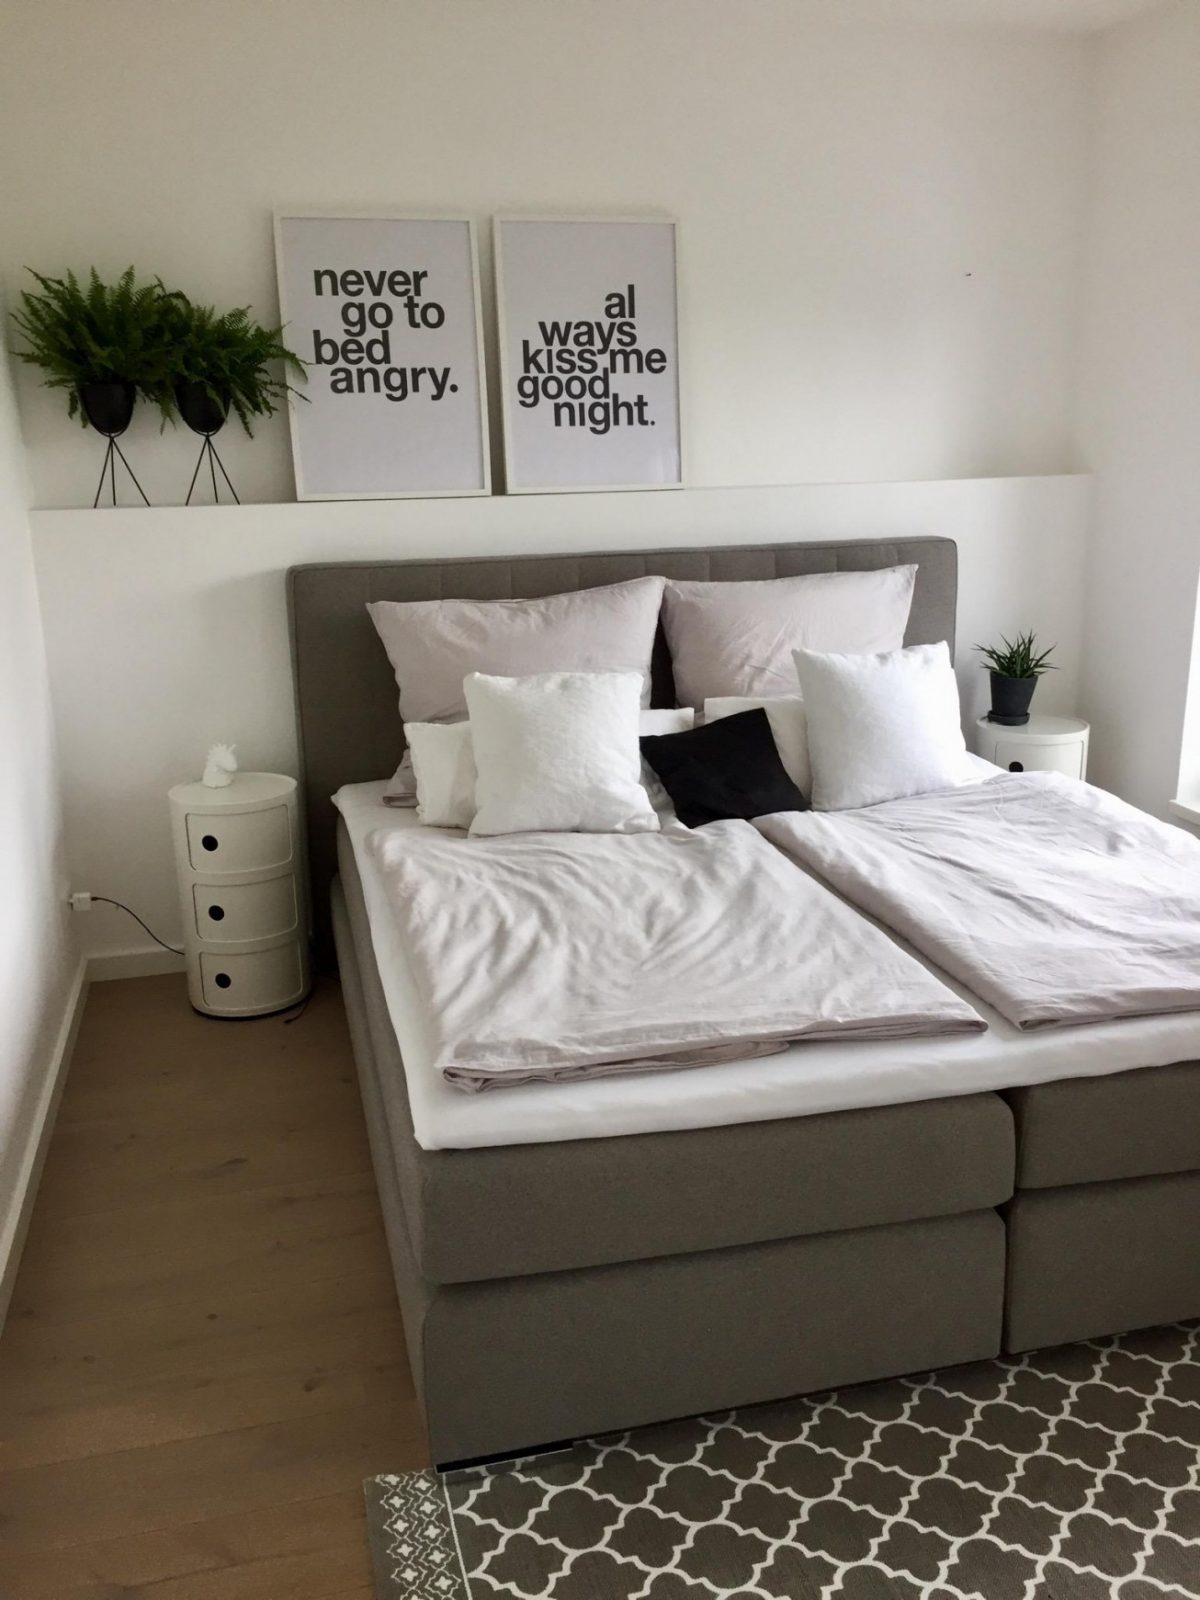 Boxspringbettideen Lass Dich Inspirieren von Schlafzimmer Ideen Boxspringbett Bild